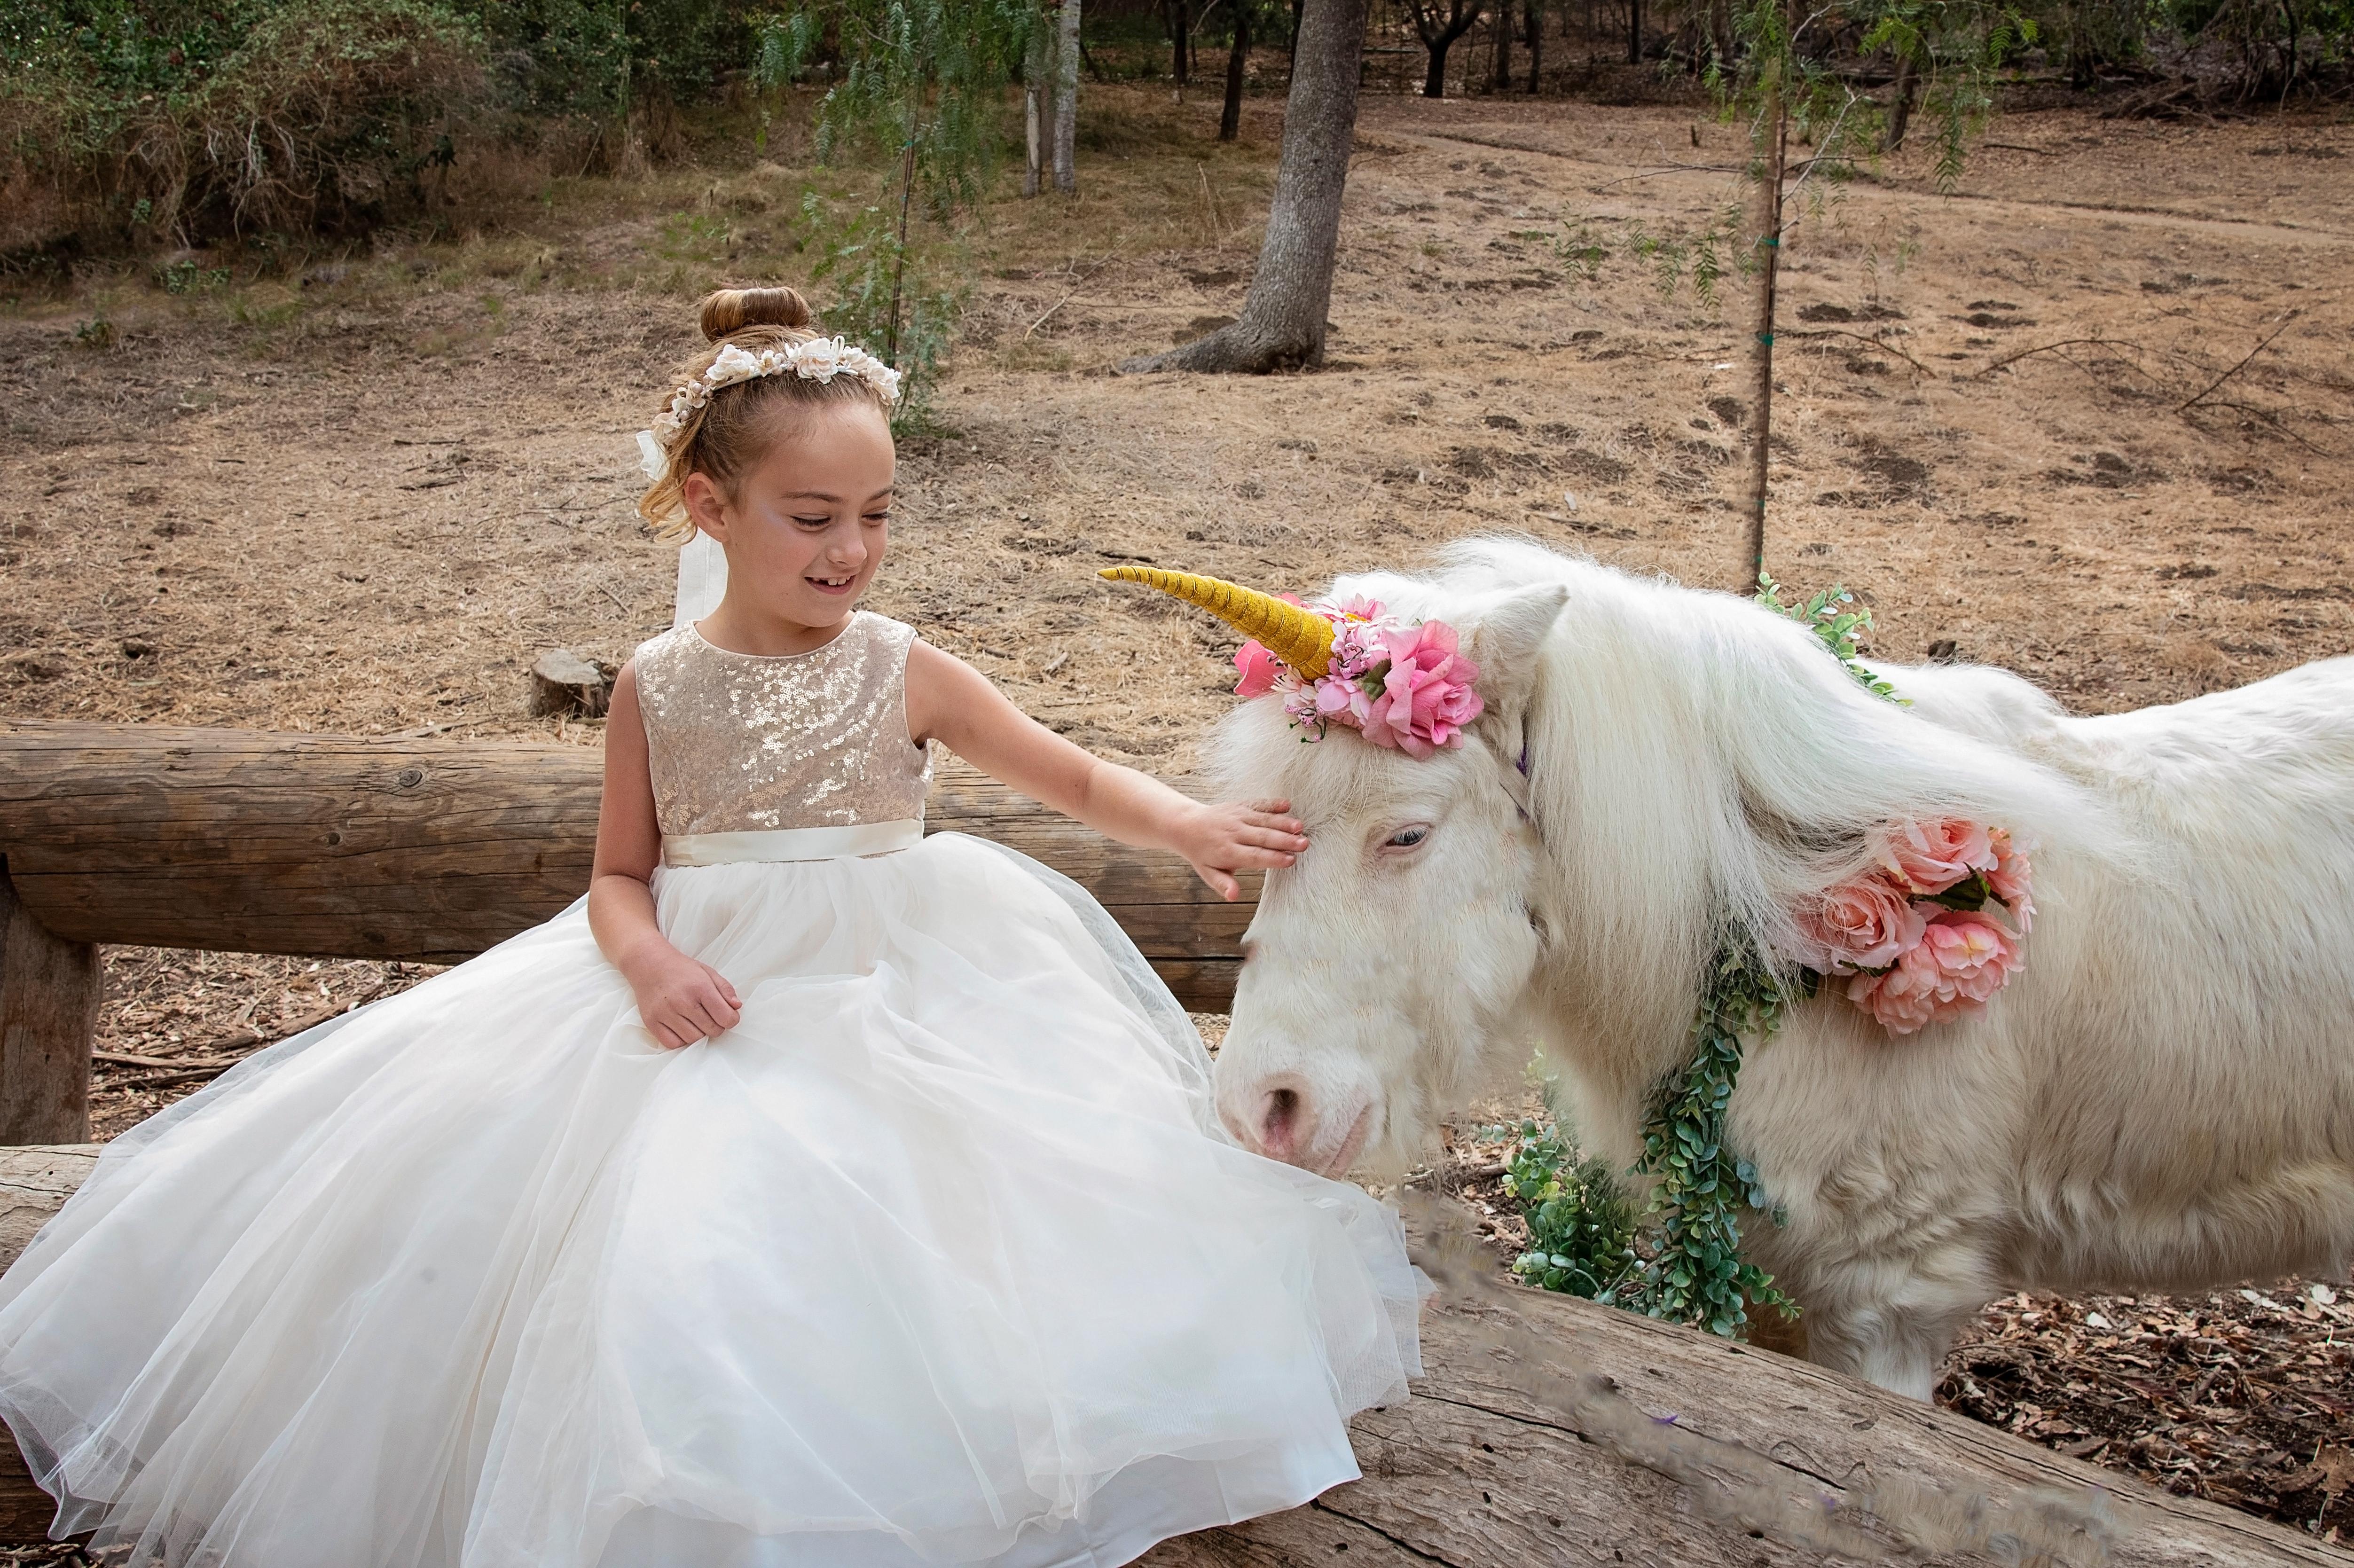 Magical Unicorn Portraits